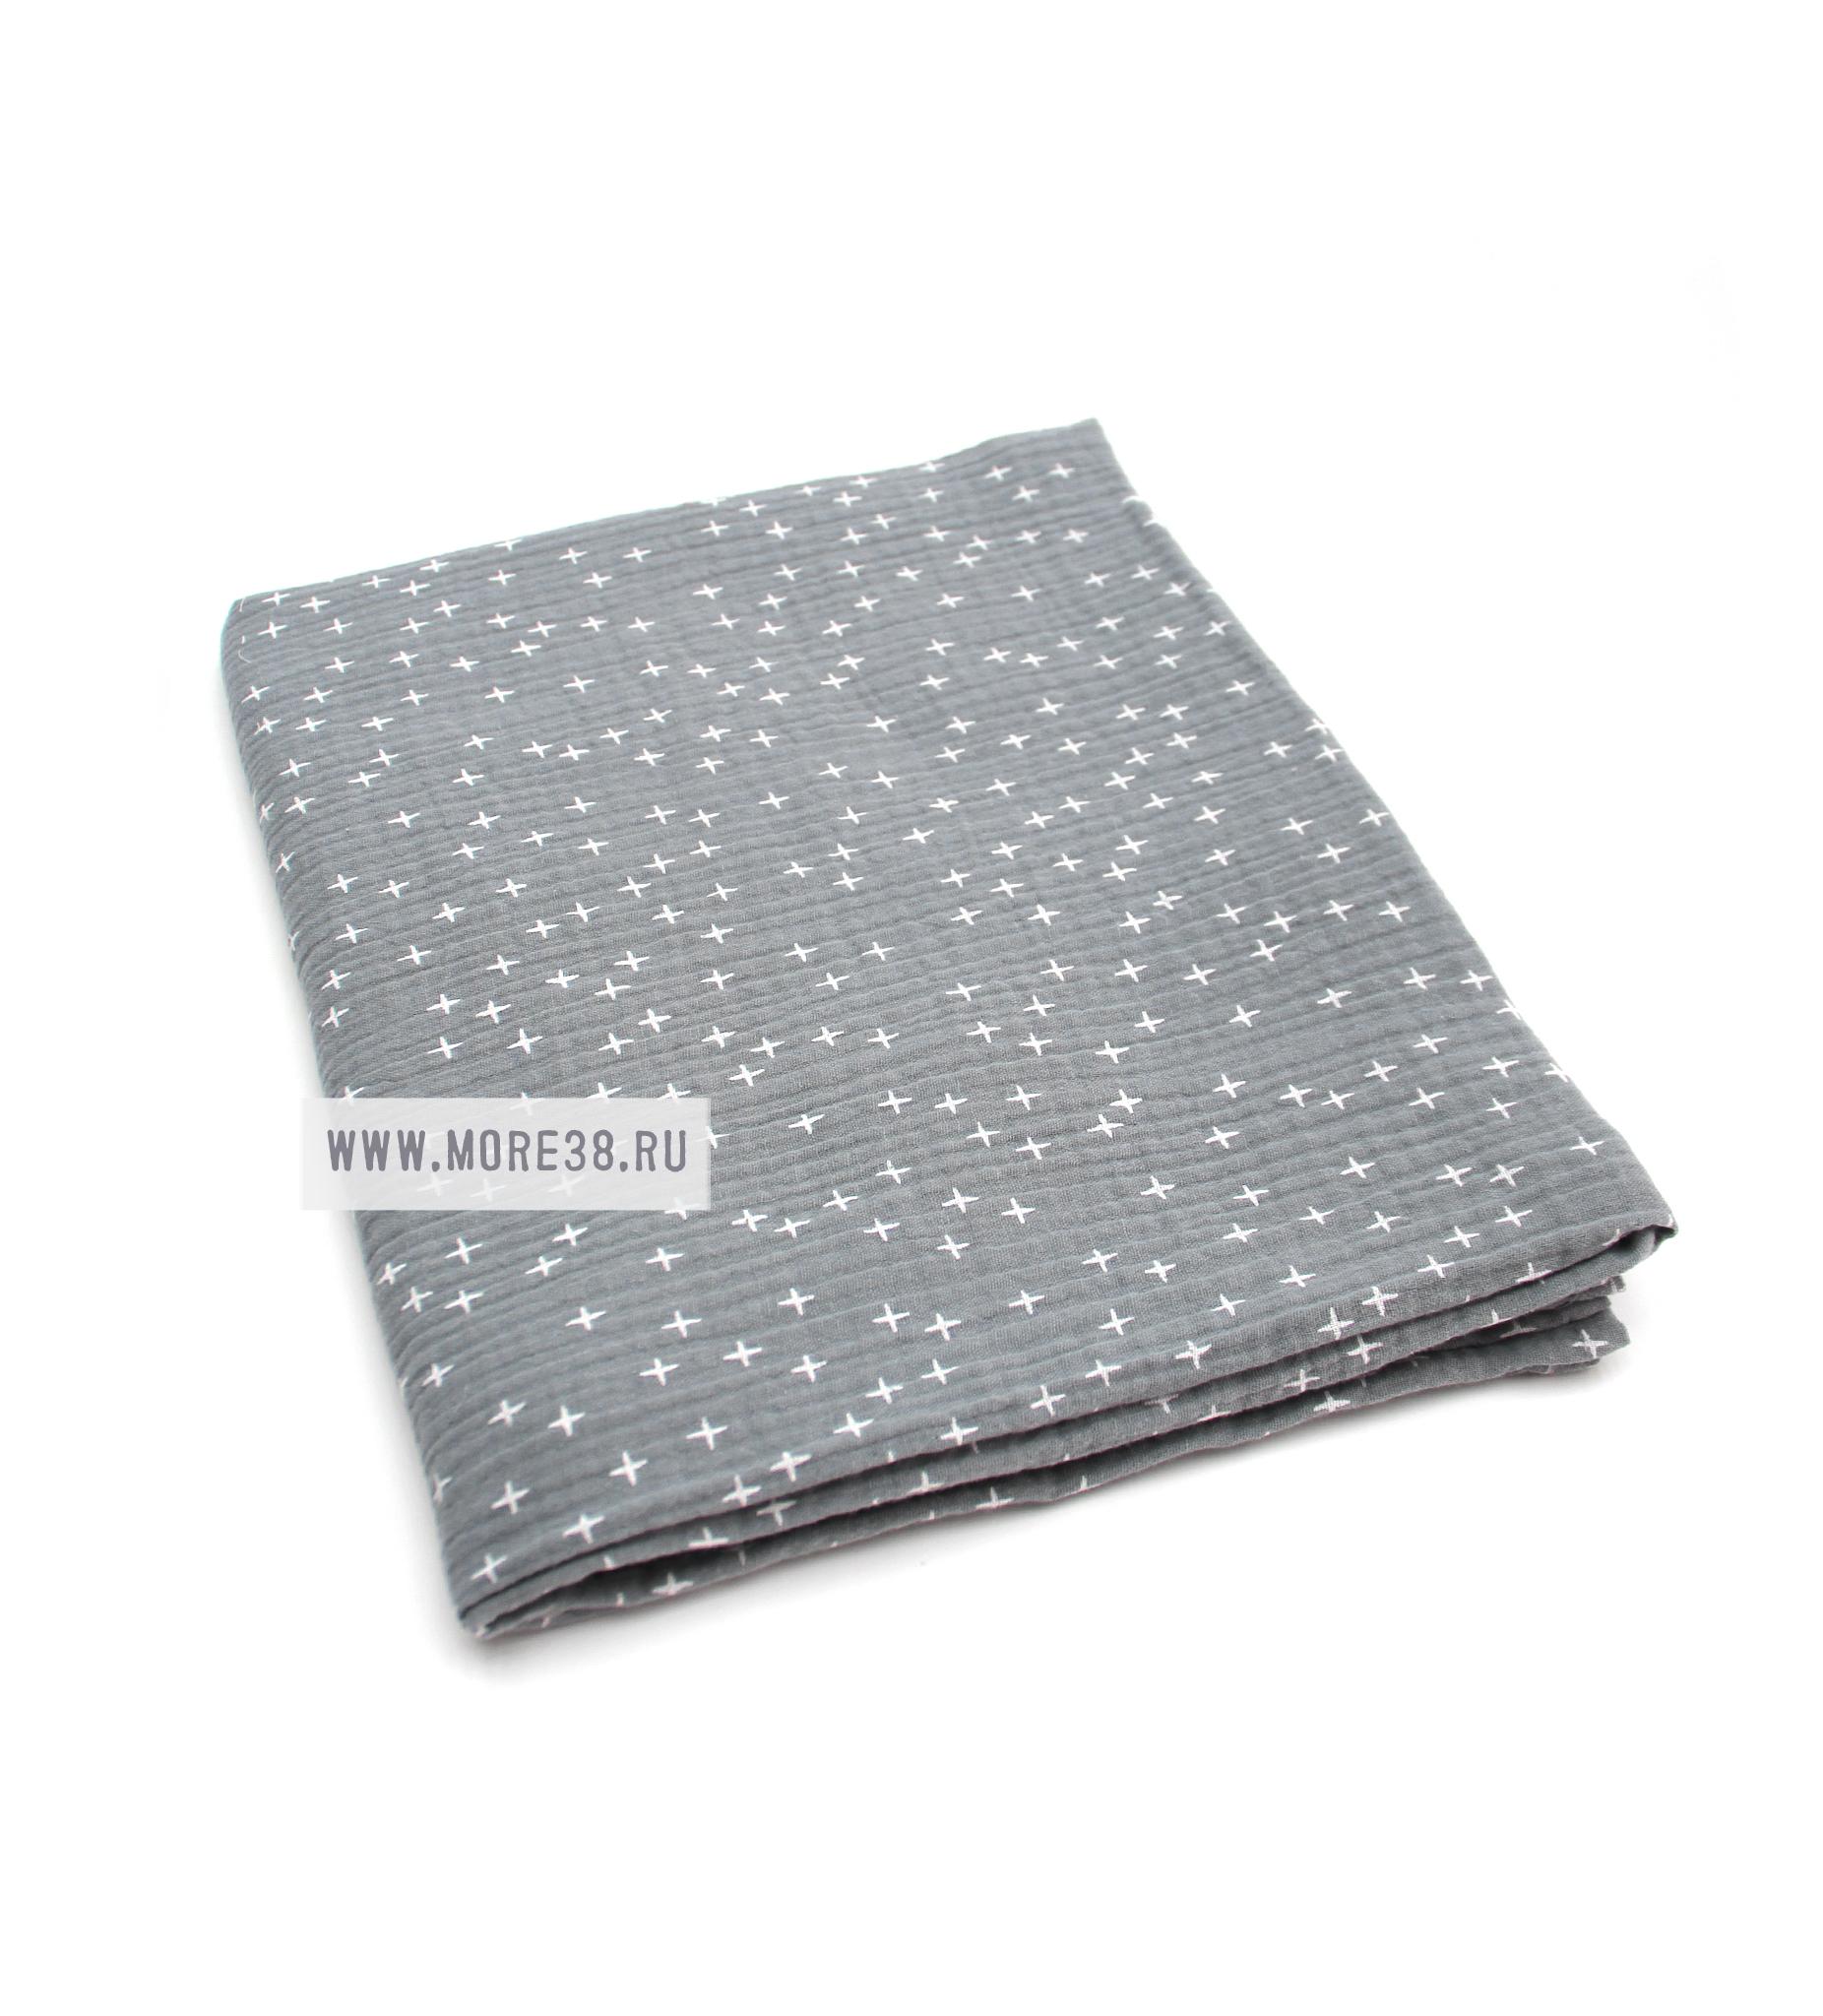 Муслиновая пеленка-скандинавское серебро(100х130см)